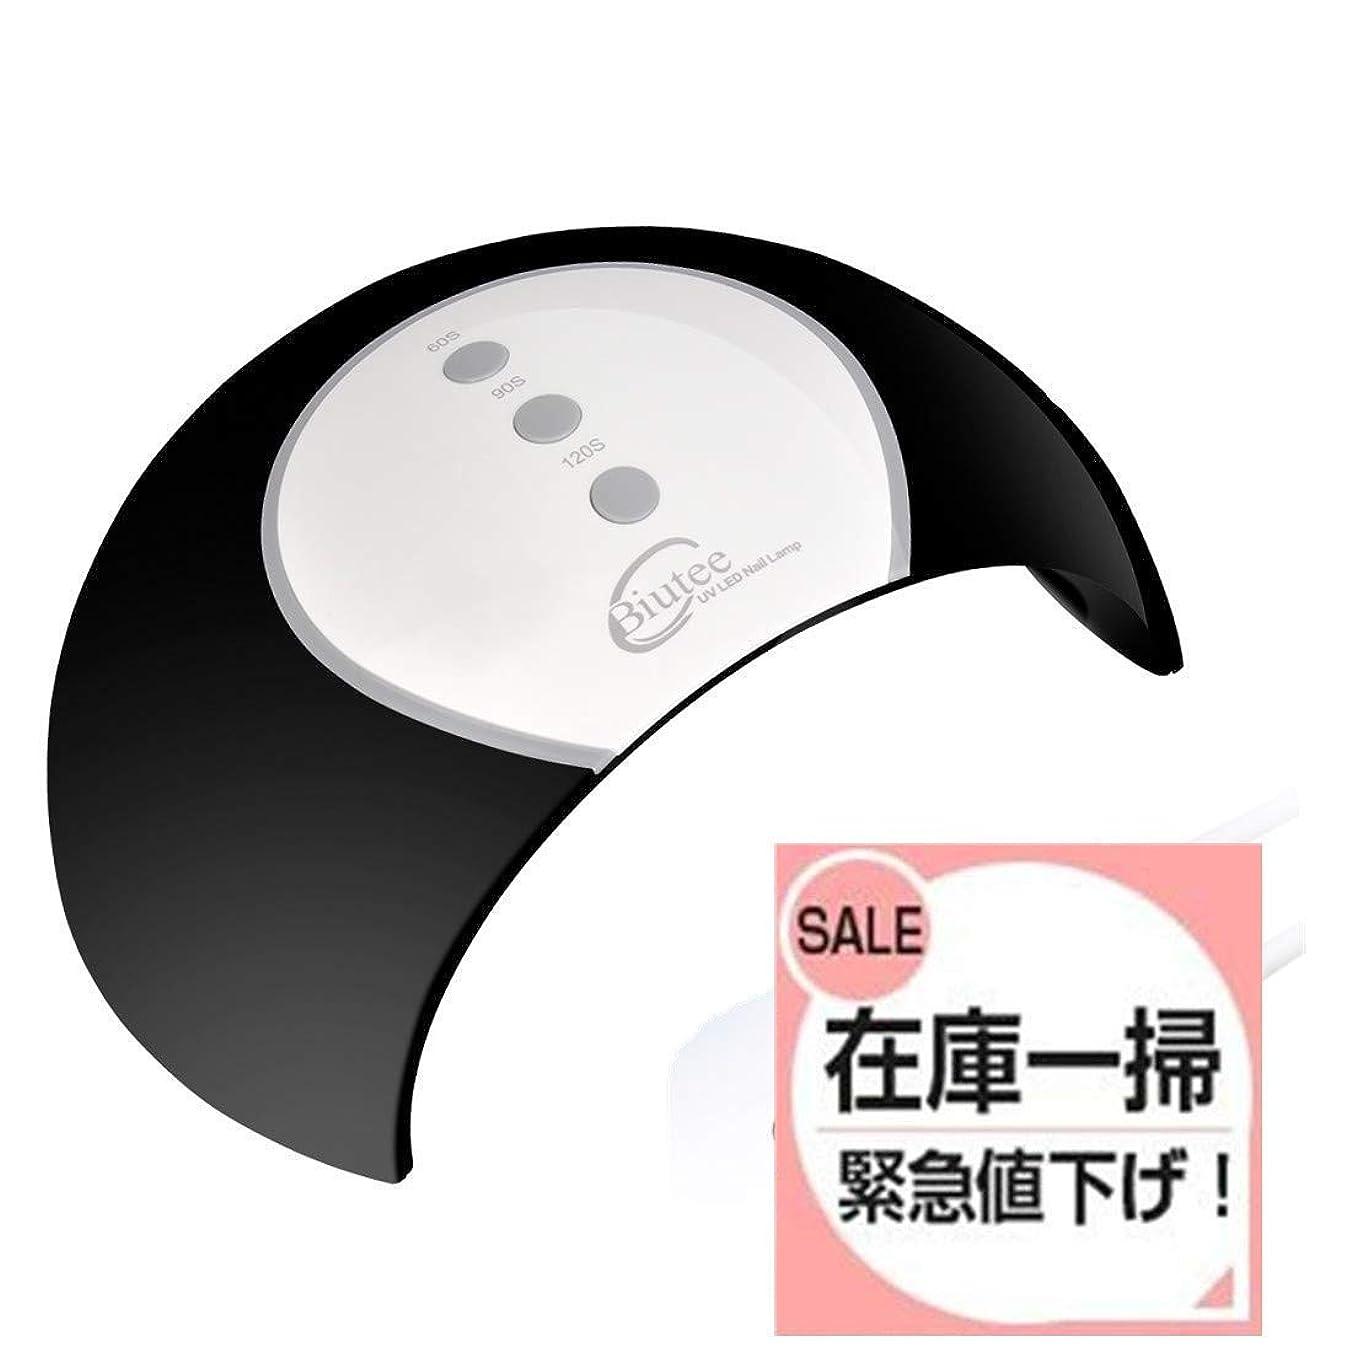 ディーラークリスチャン不健全24W ネイルライト USB充電 8個LED 60s 90s 120sタイマー 手足両用 自動センサー付き ネイルドライヤー UV LED ジェルネイルライト 日本語説明書付き